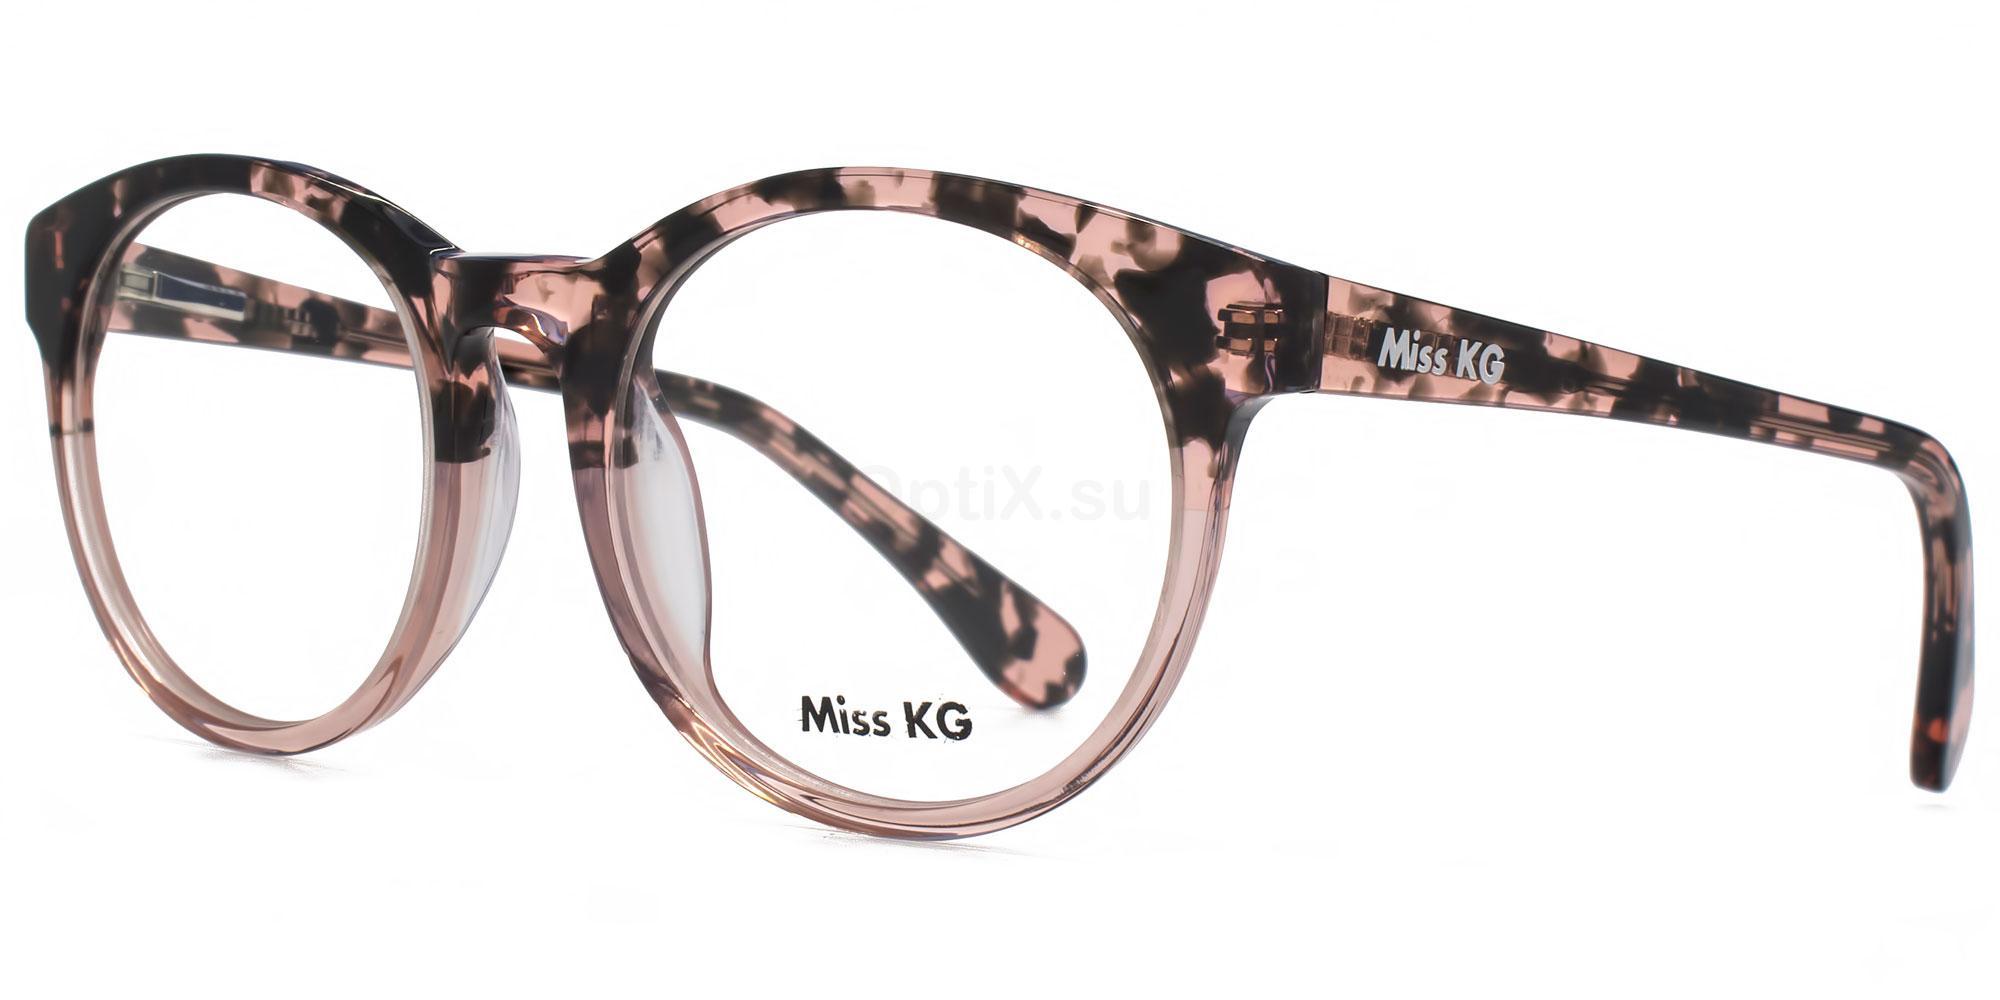 PNK MKGS016 - Bettie , Miss KG